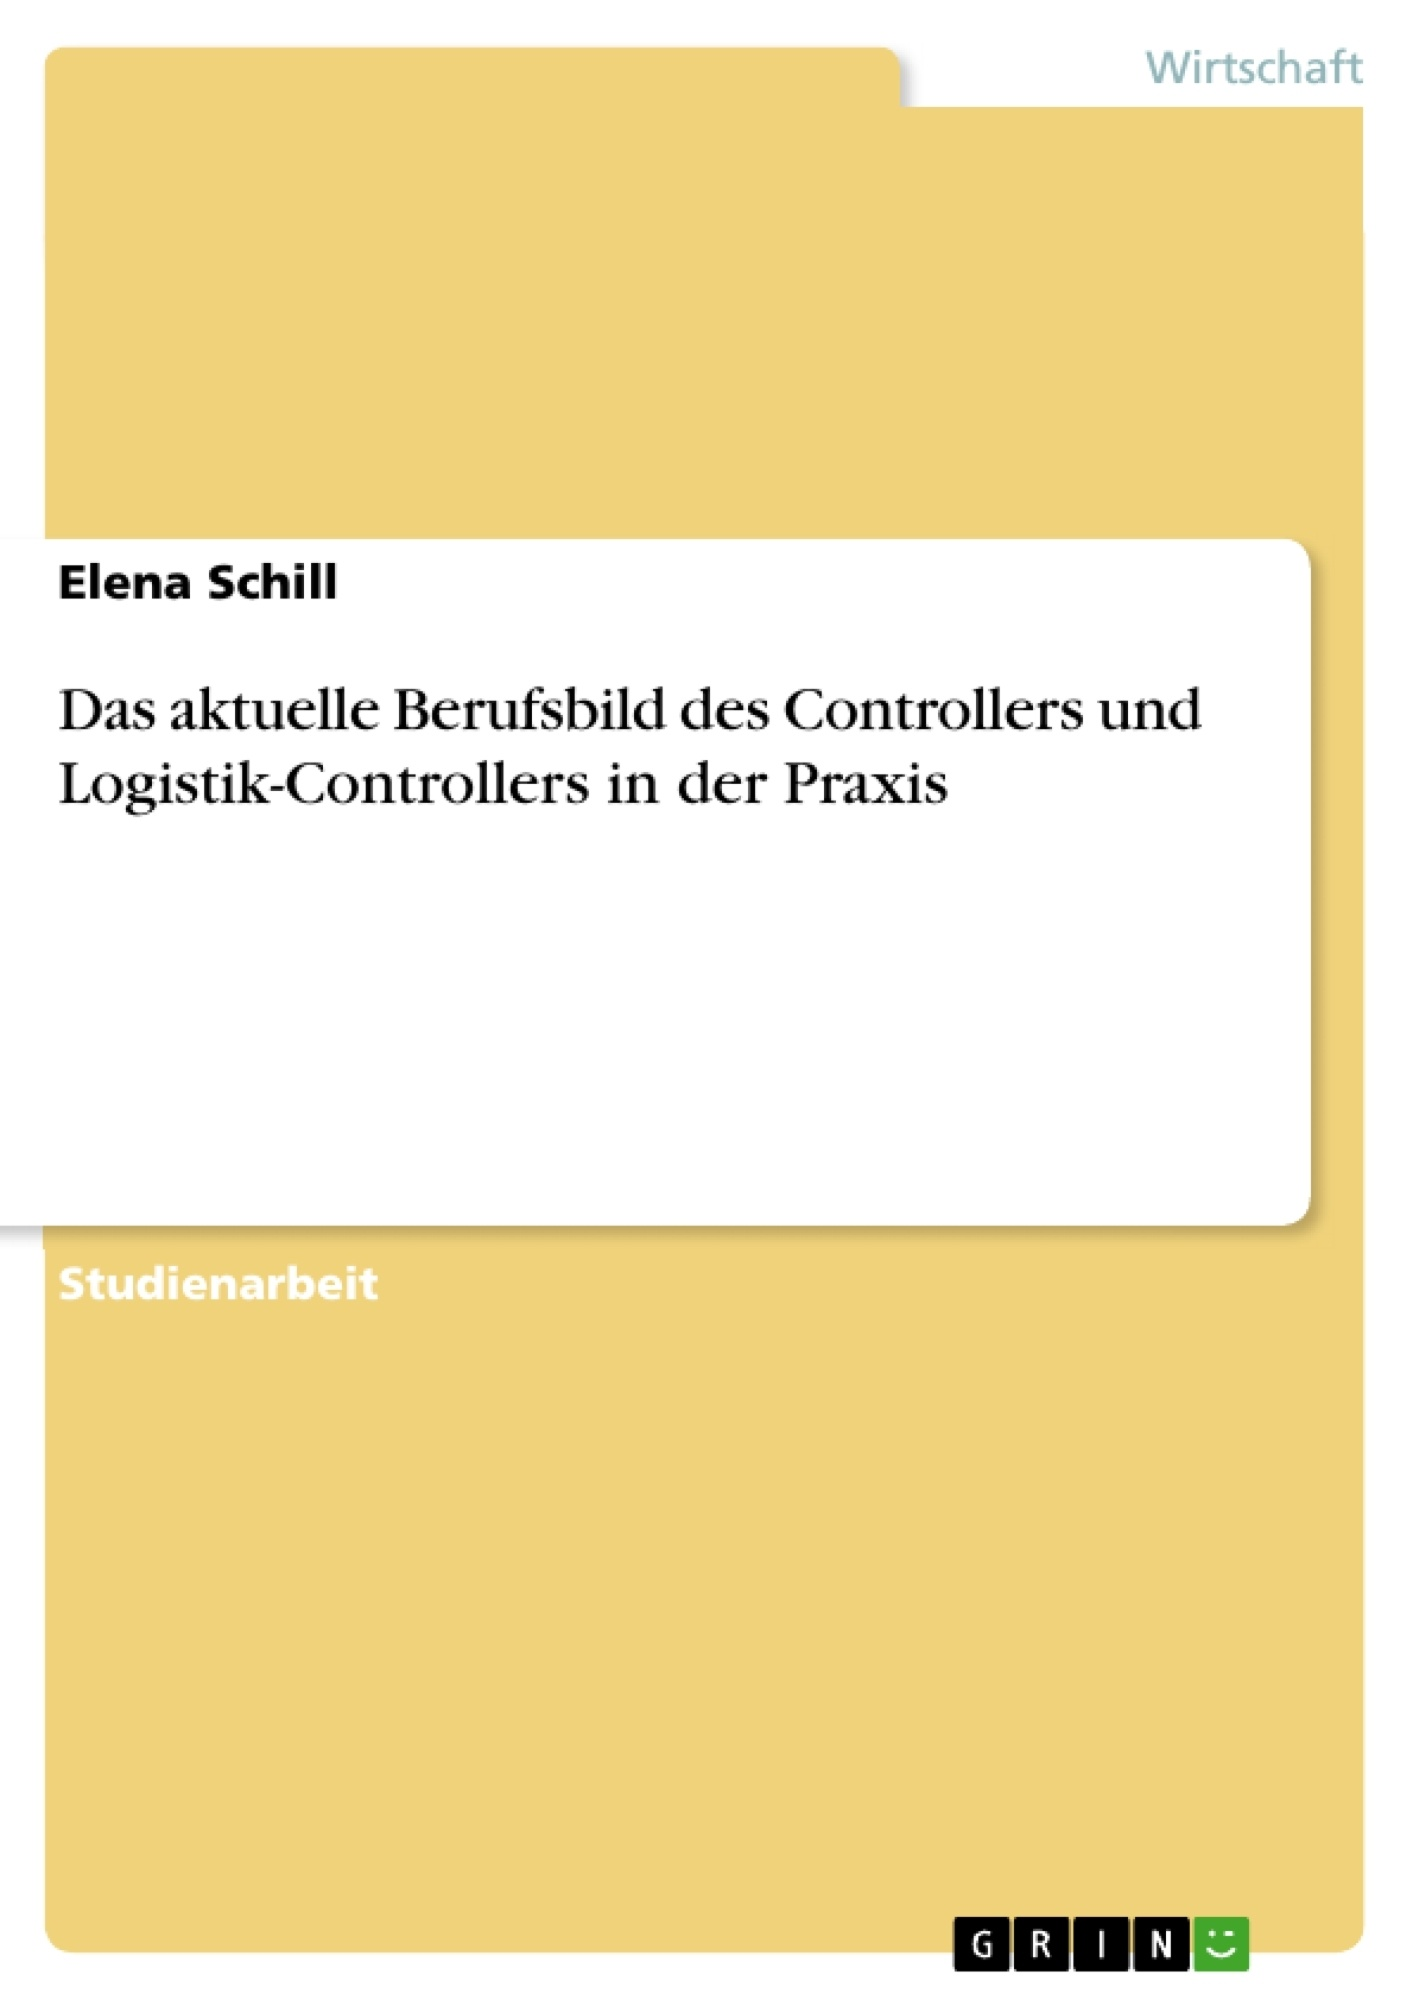 Titel: Das aktuelle Berufsbild des Controllers und Logistik-Controllers in der Praxis